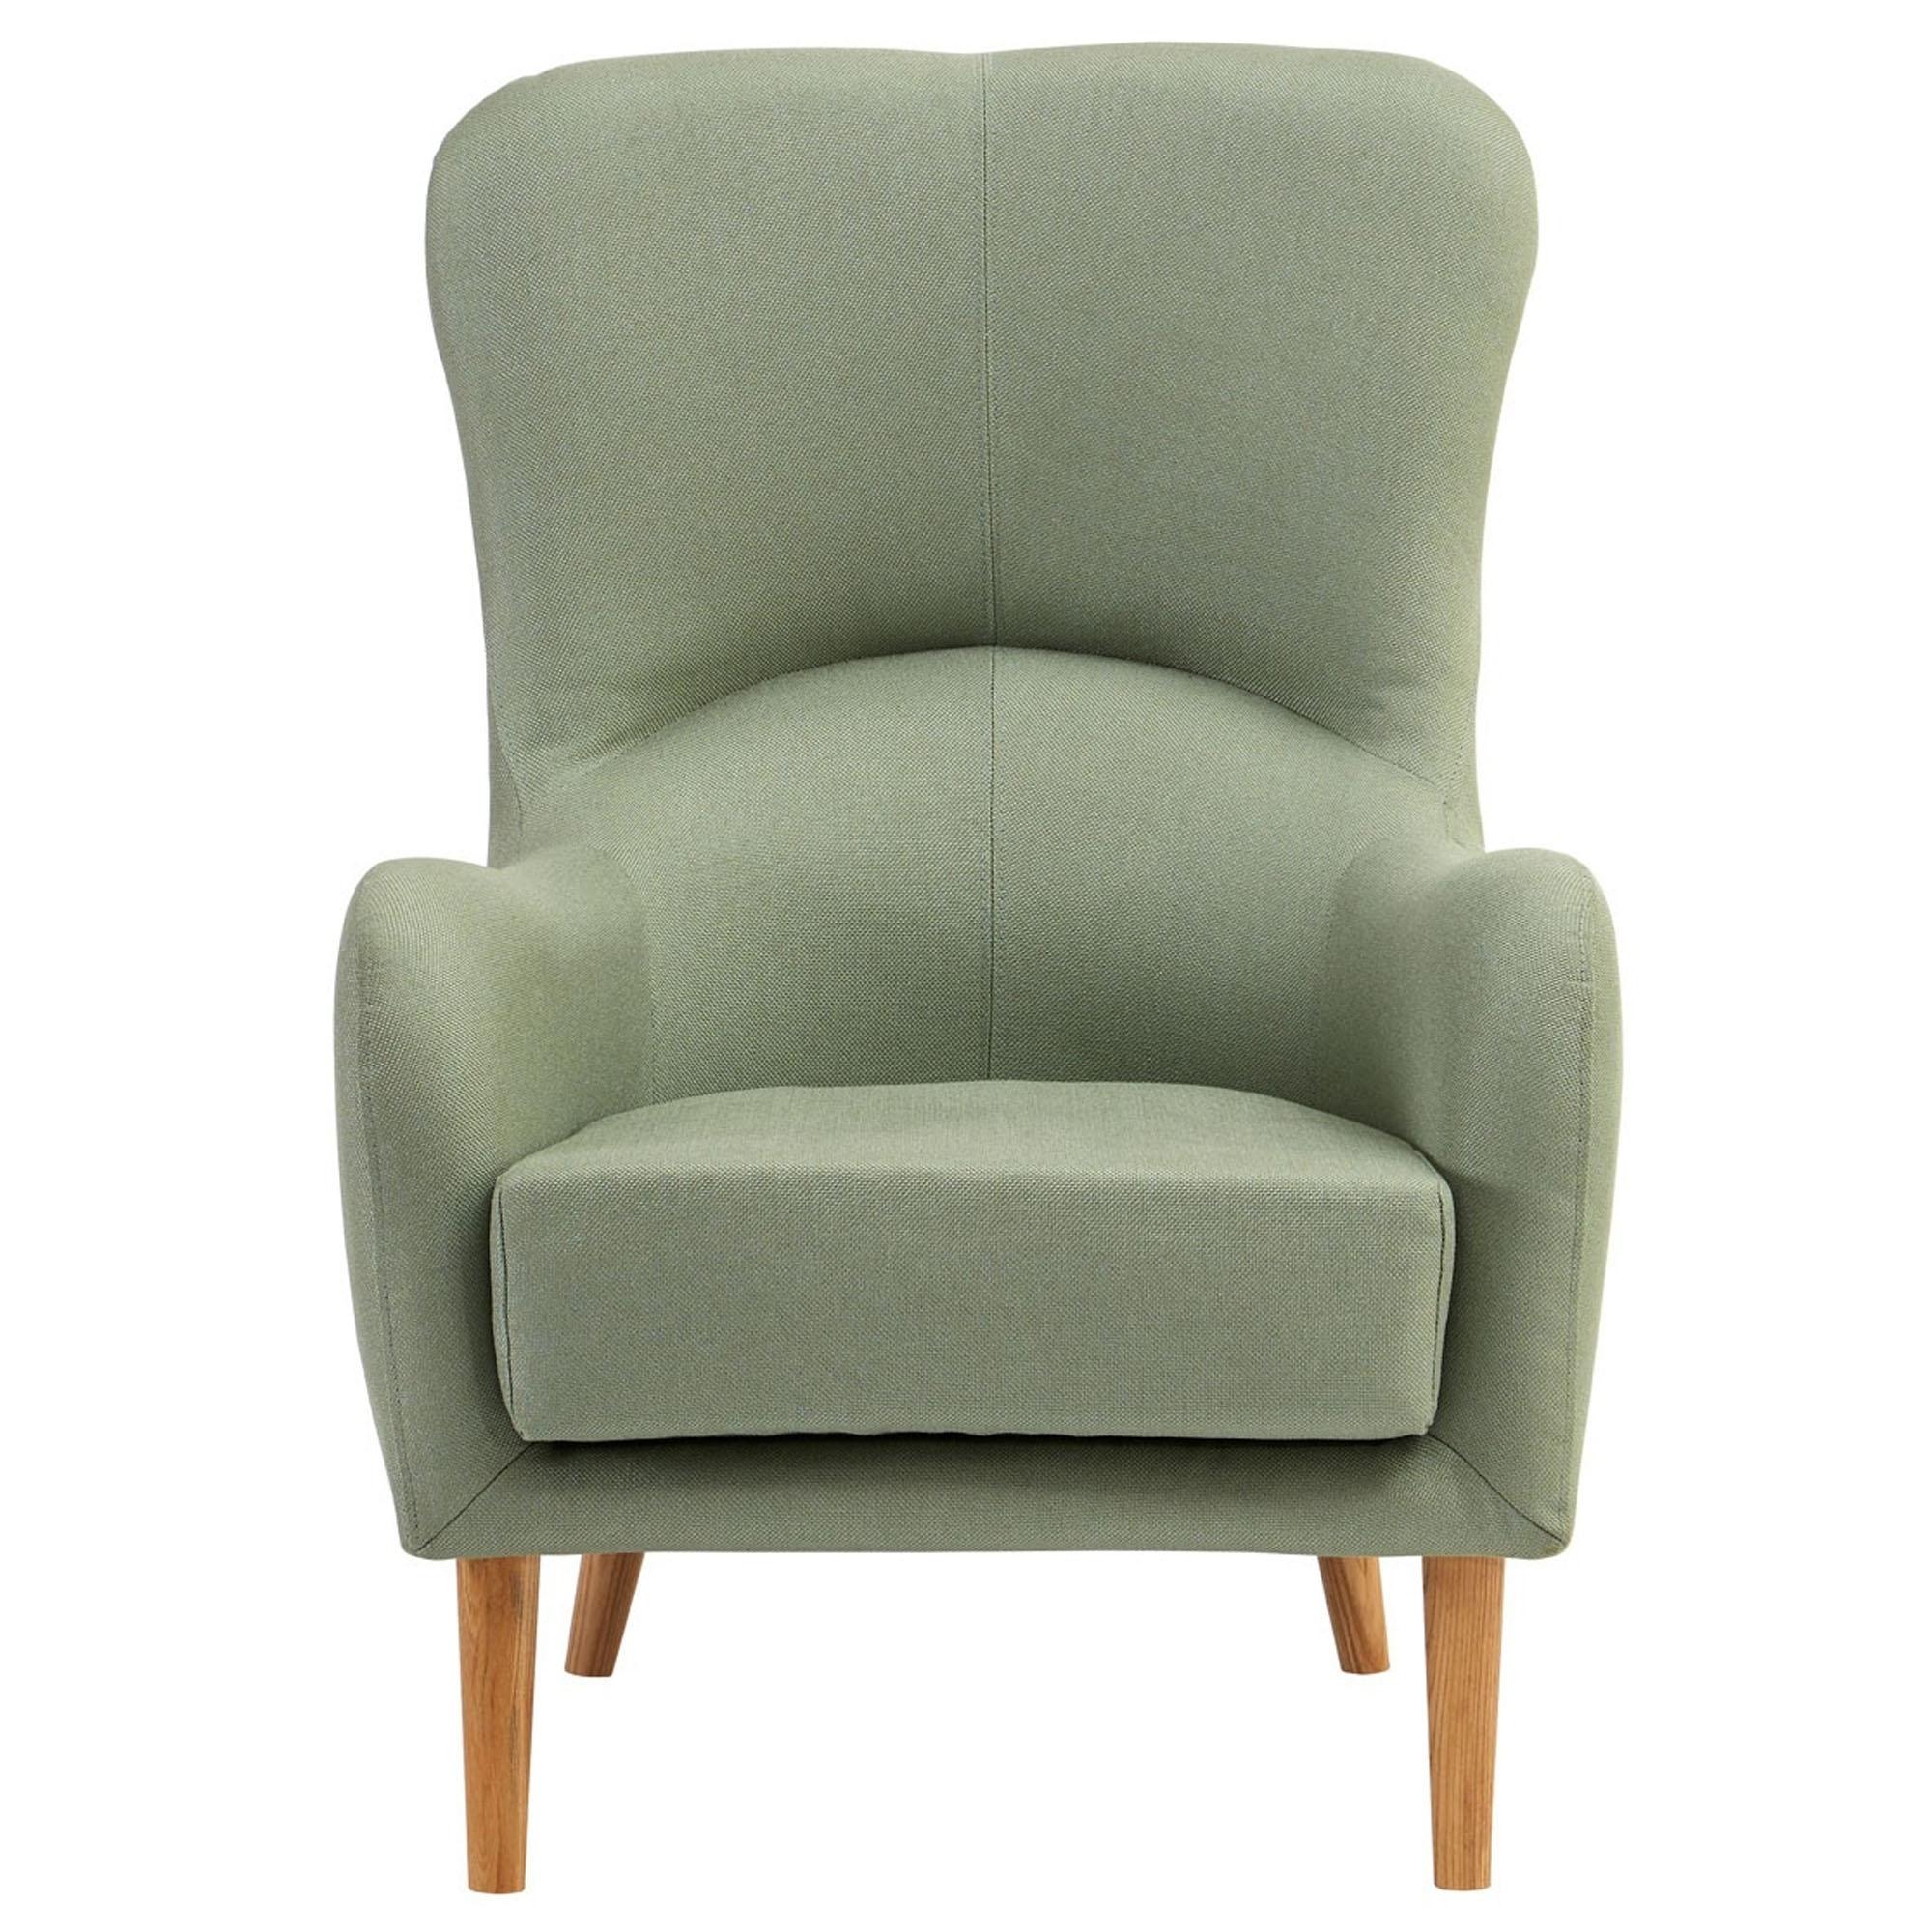 Super Kolding Green Fabric Chair Creativecarmelina Interior Chair Design Creativecarmelinacom